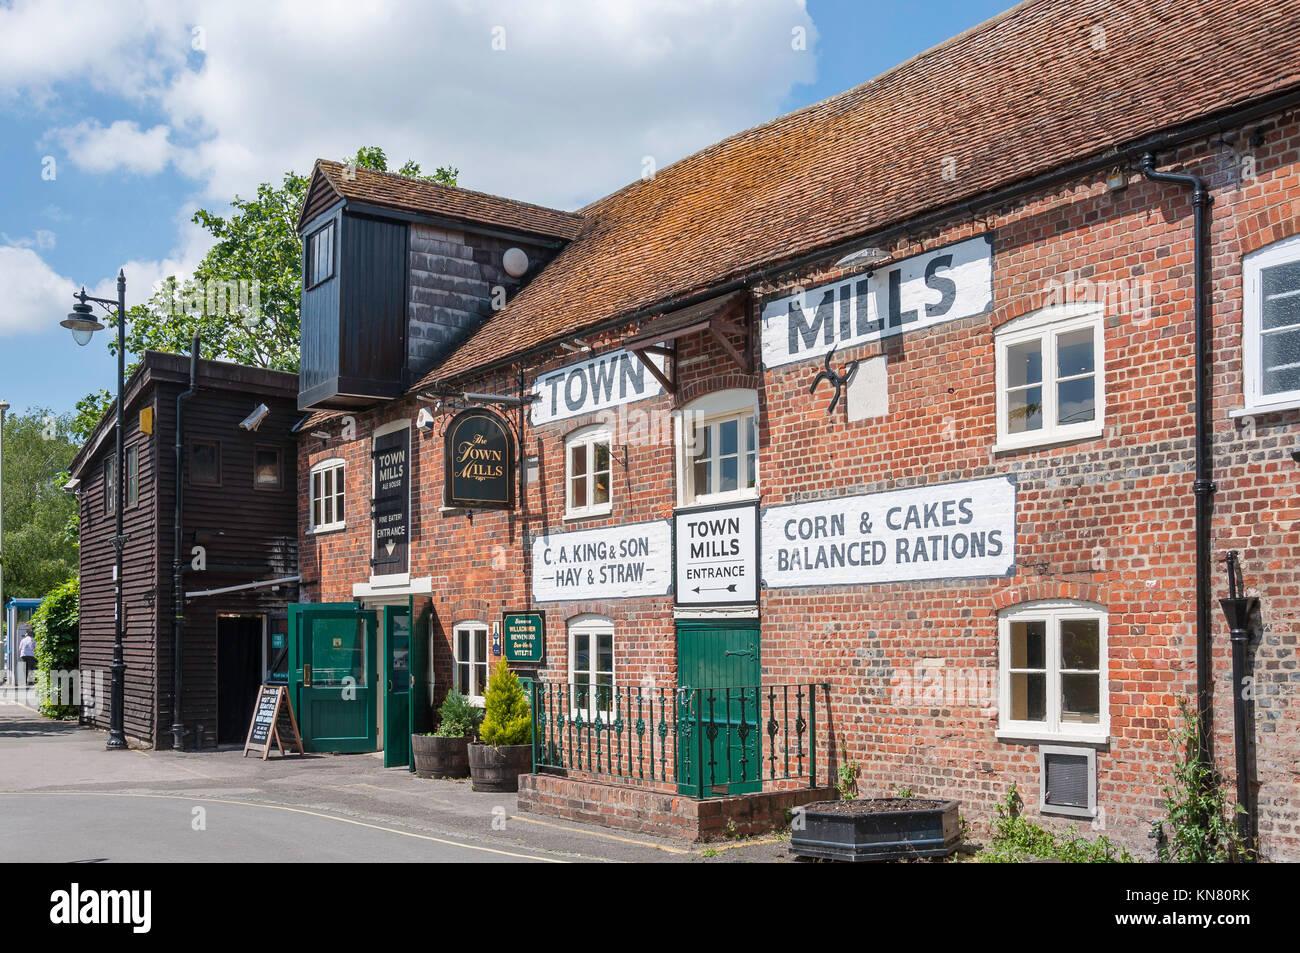 Die Stadt Mühlen Ale House, Bridge Street, Andover, Hampshire, England, Vereinigtes Königreich Stockbild